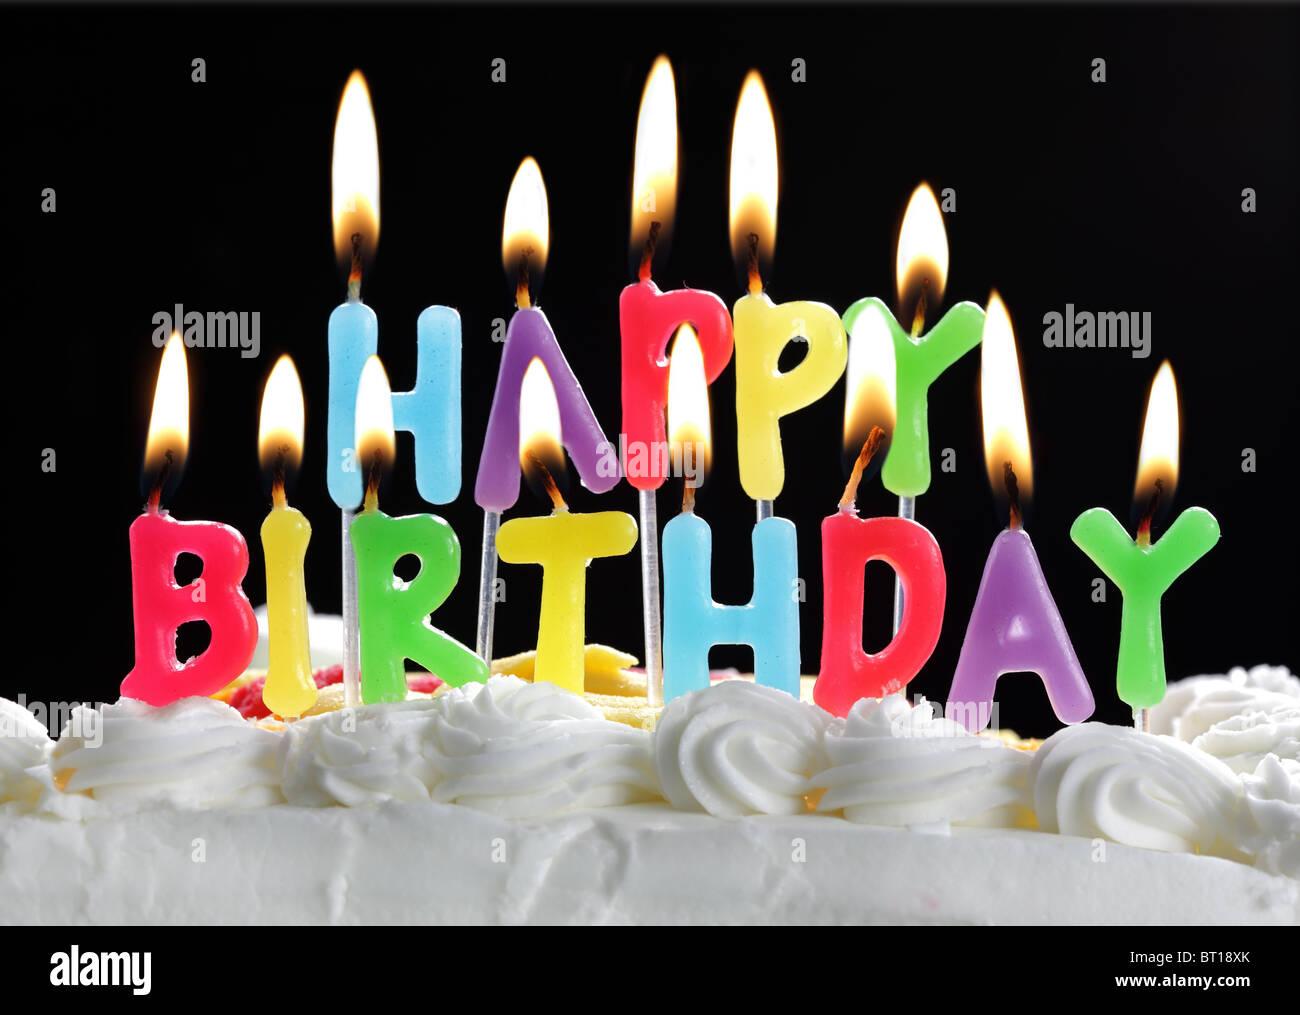 Herzlichen Gluckwunsch Zum Geburtstagskerzen Auf Der Torte Stockbild